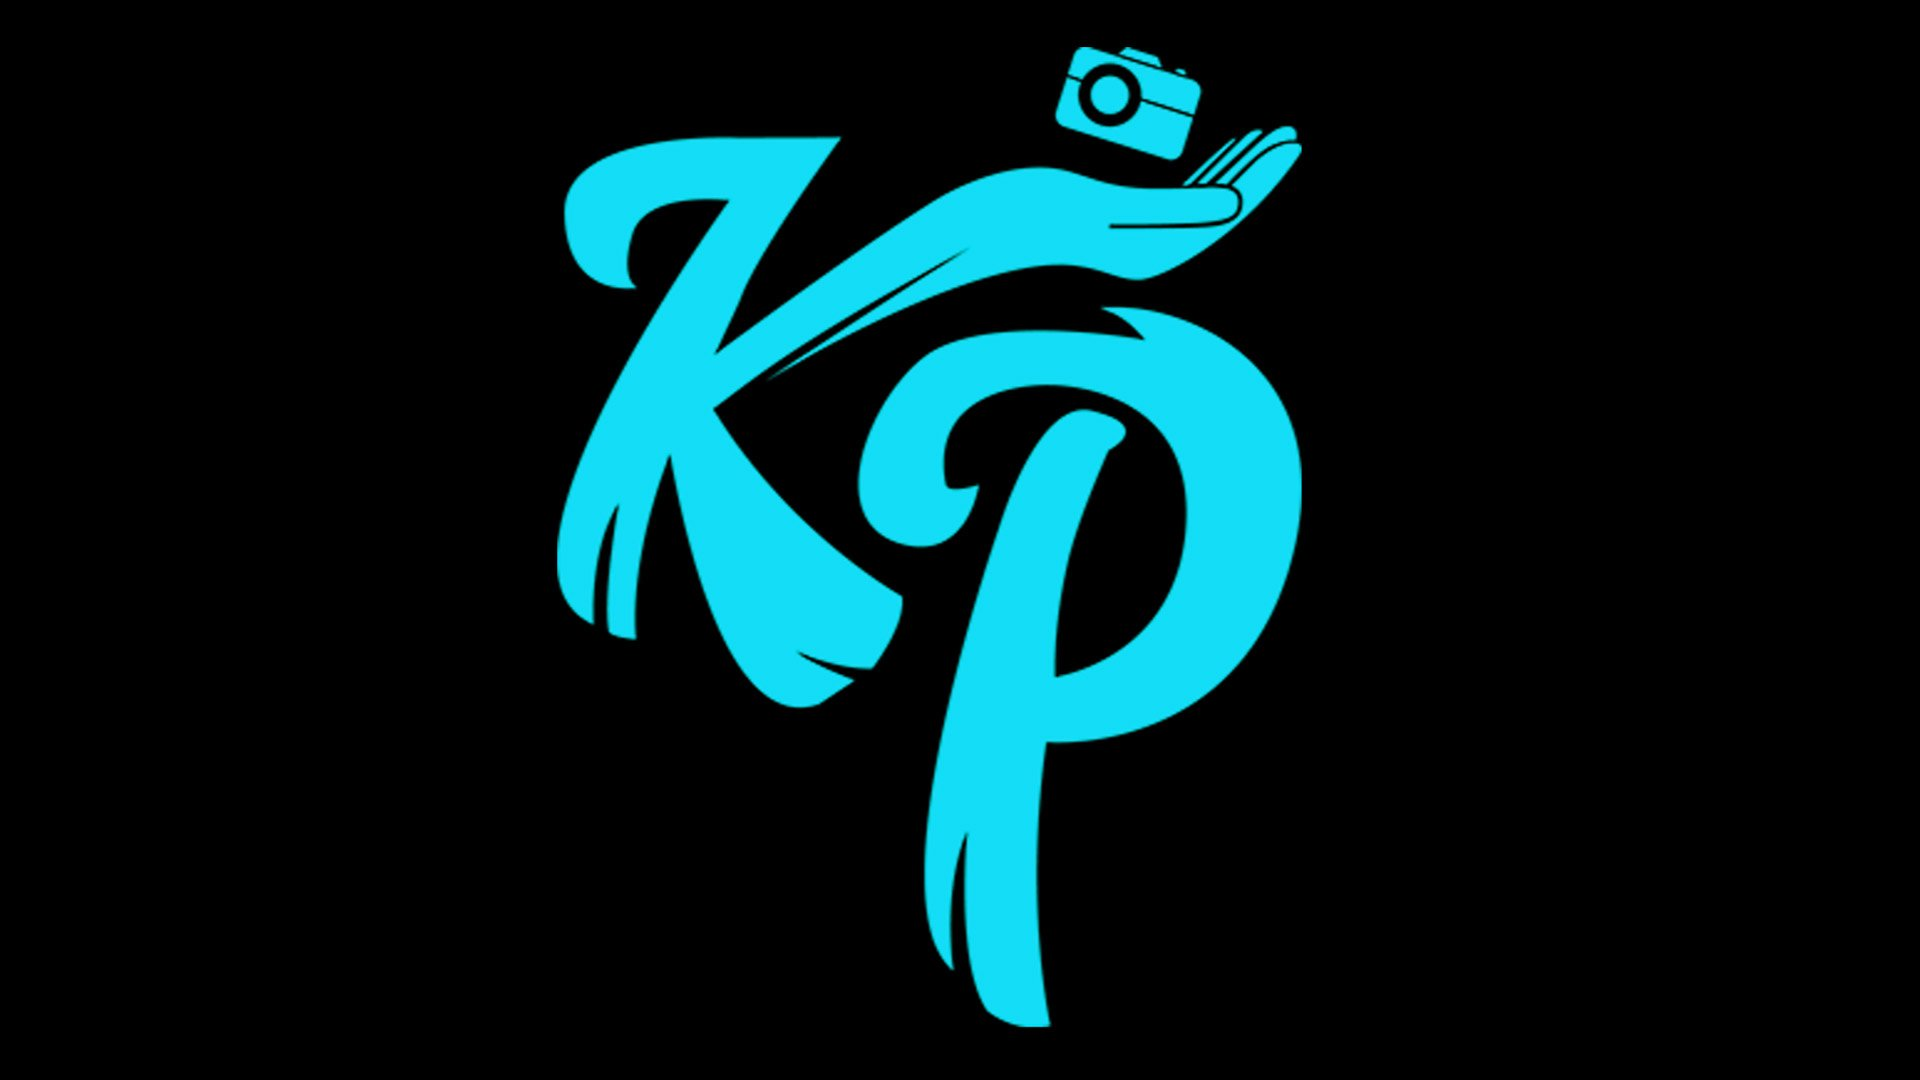 Kleurplaten En Zo Verschrikkelijke Ikke.Meaning Knolpower Logo And Symbol History And Evolution